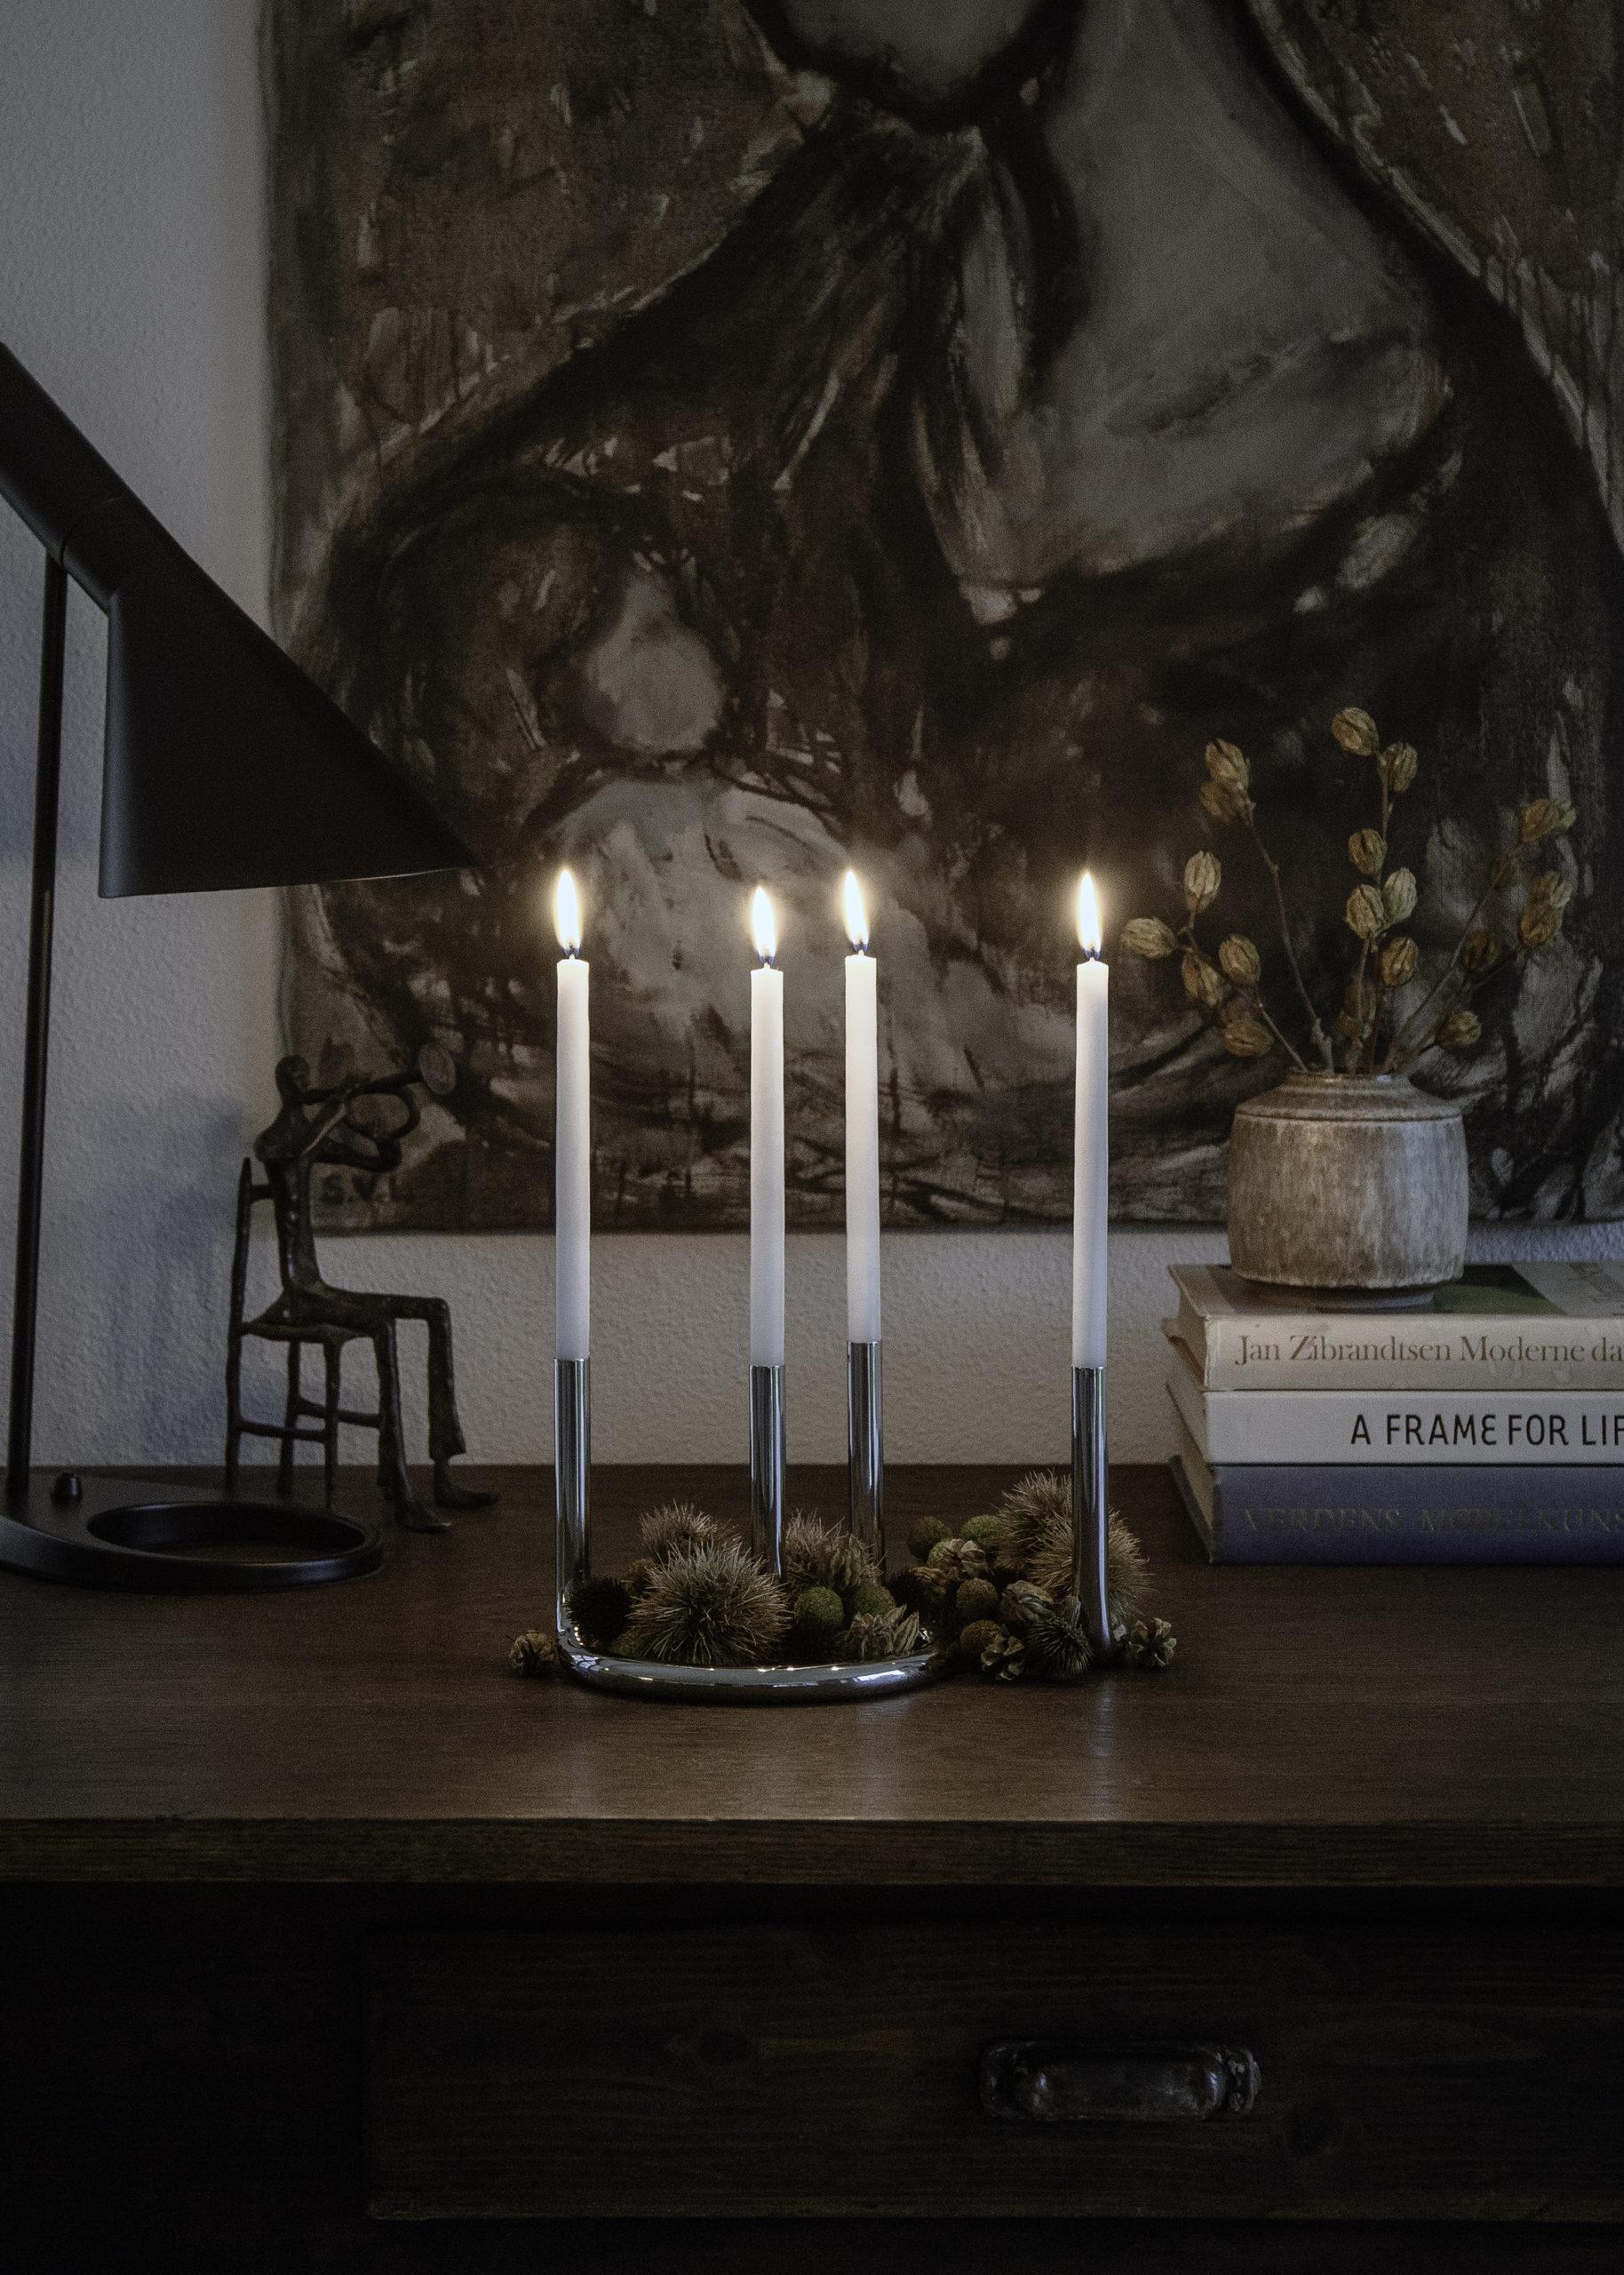 Architectmade-Gemini-Candleholder-Stainless-Steel-Denmark-Peter-Karpf-6